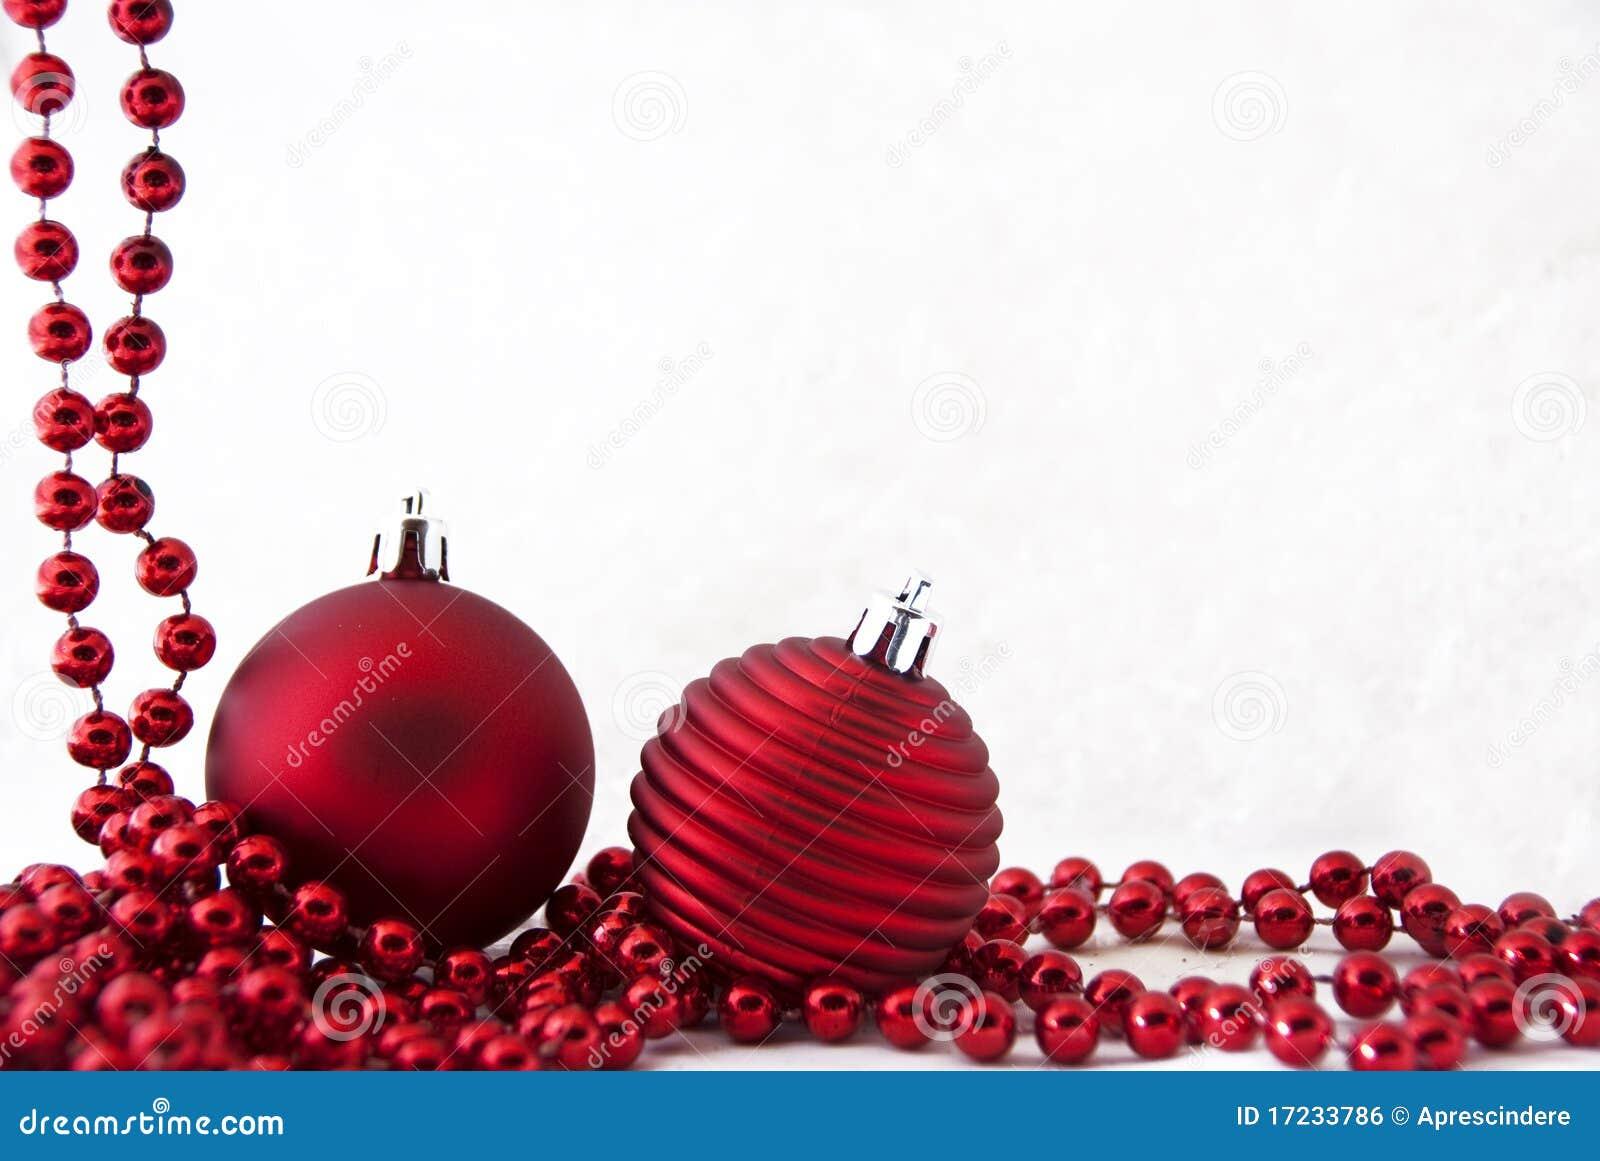 Cartão De Natal Imagem De Stock Imagem De Cartão Ornate 22128207